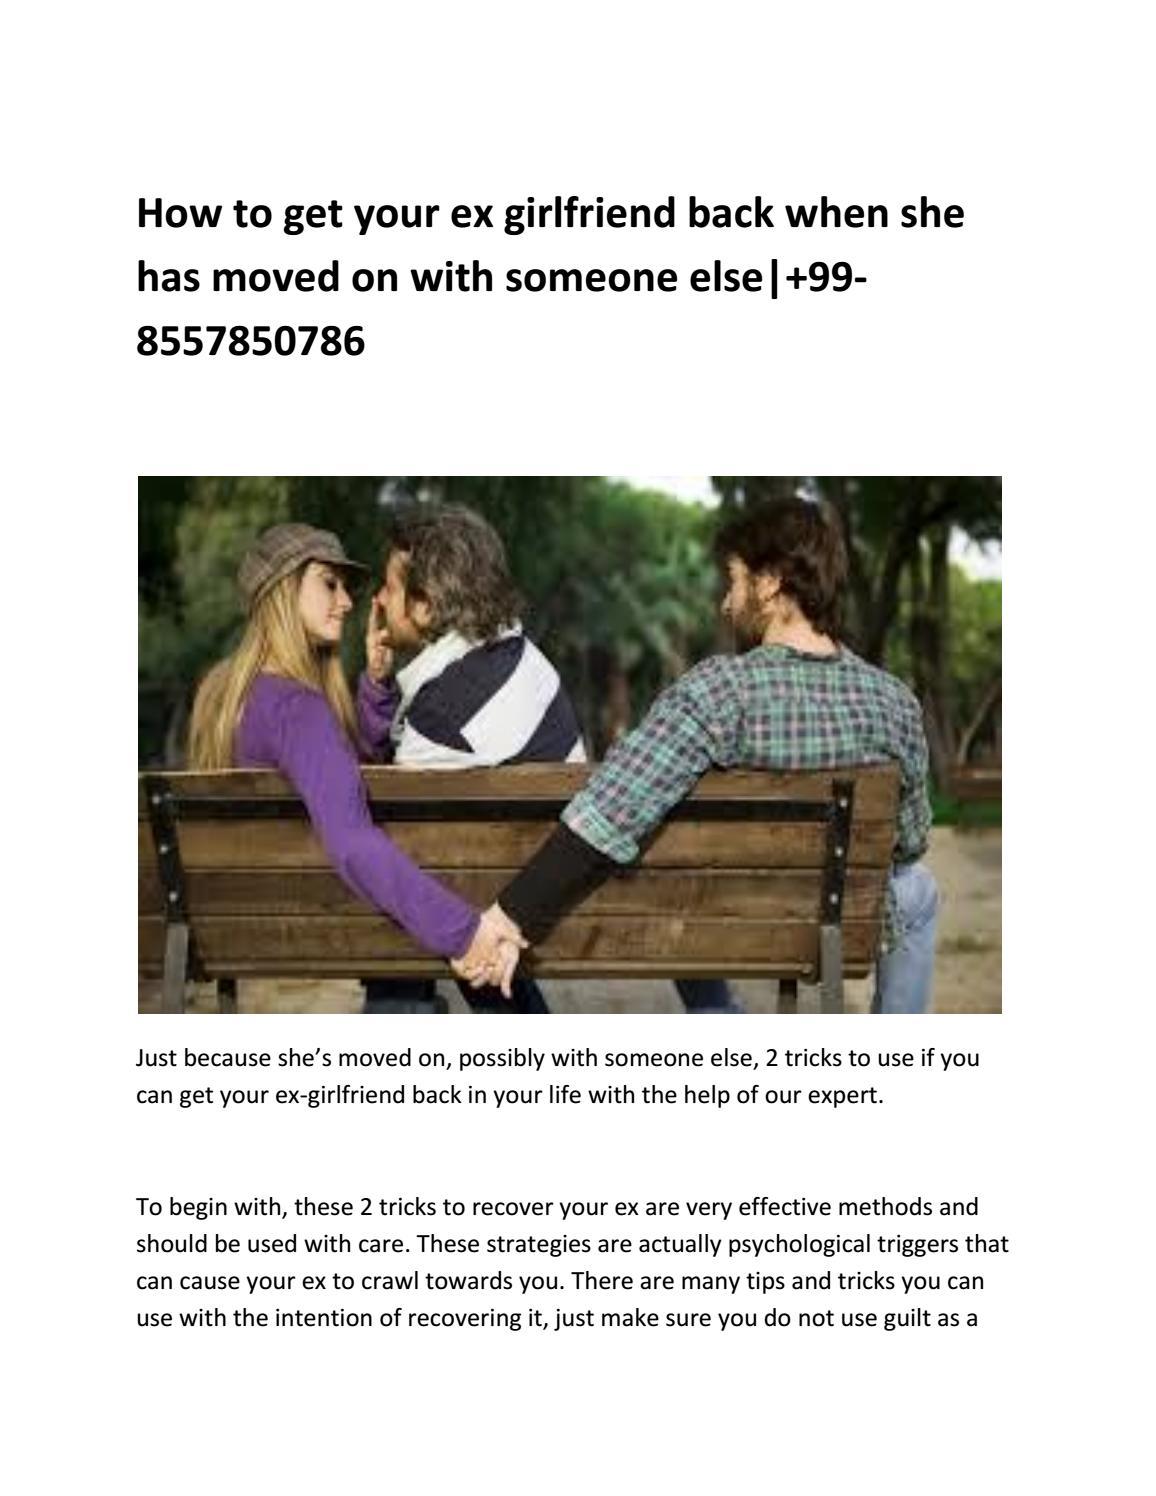 How to get my recent ex boyfriend back